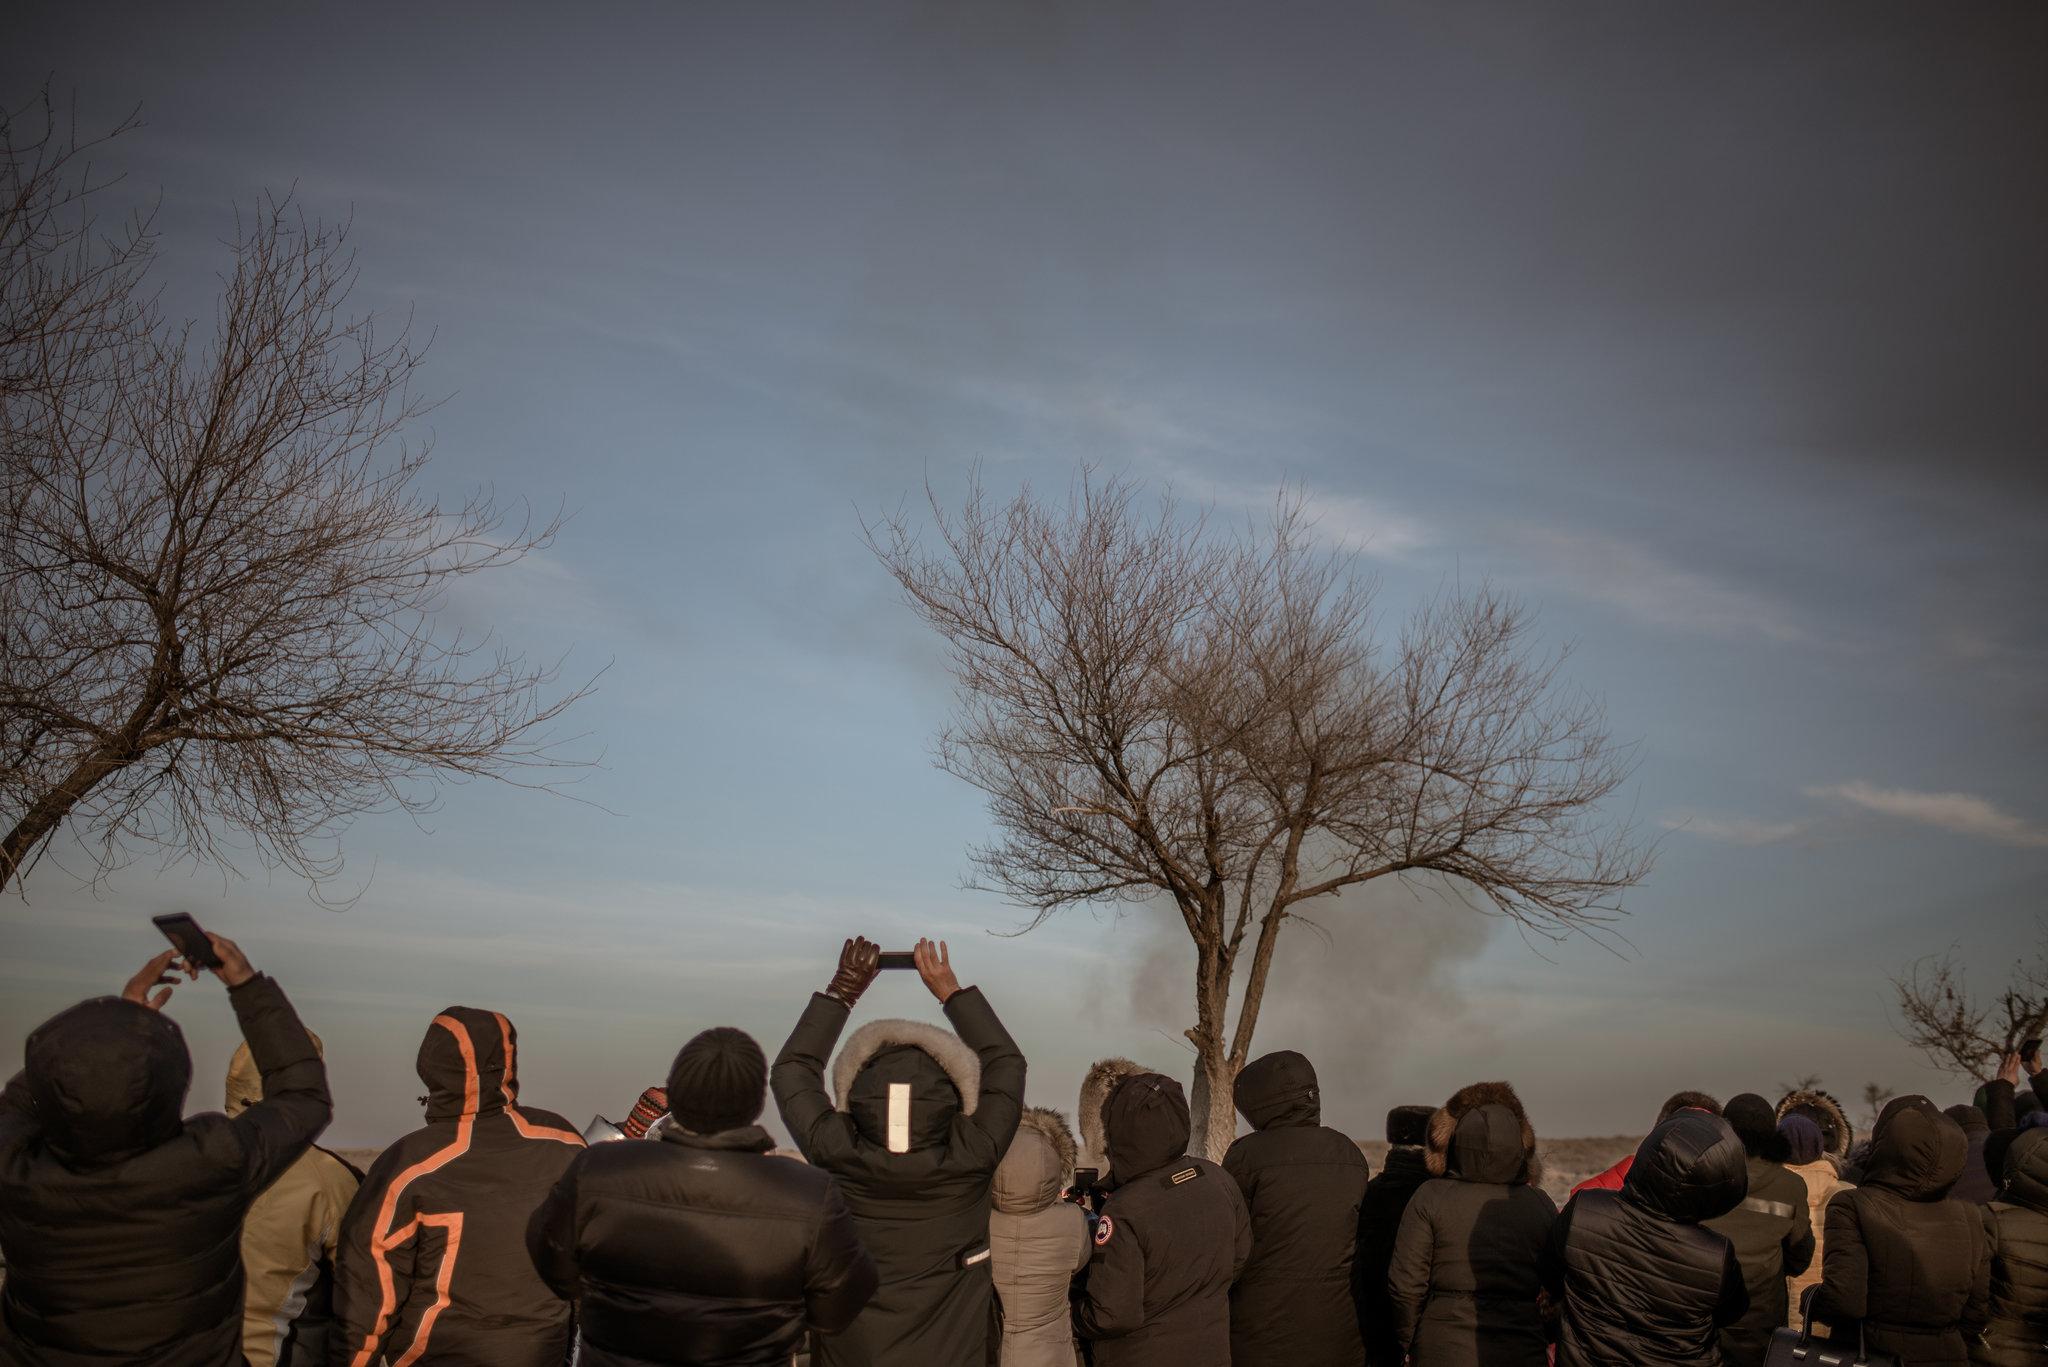 Fırlatma anını izleyen seyirciler. Ellerindeki telefonlar gökyüzüne doğrultmuşlar ve video ve fotoğraf kaydı alıyorlar.